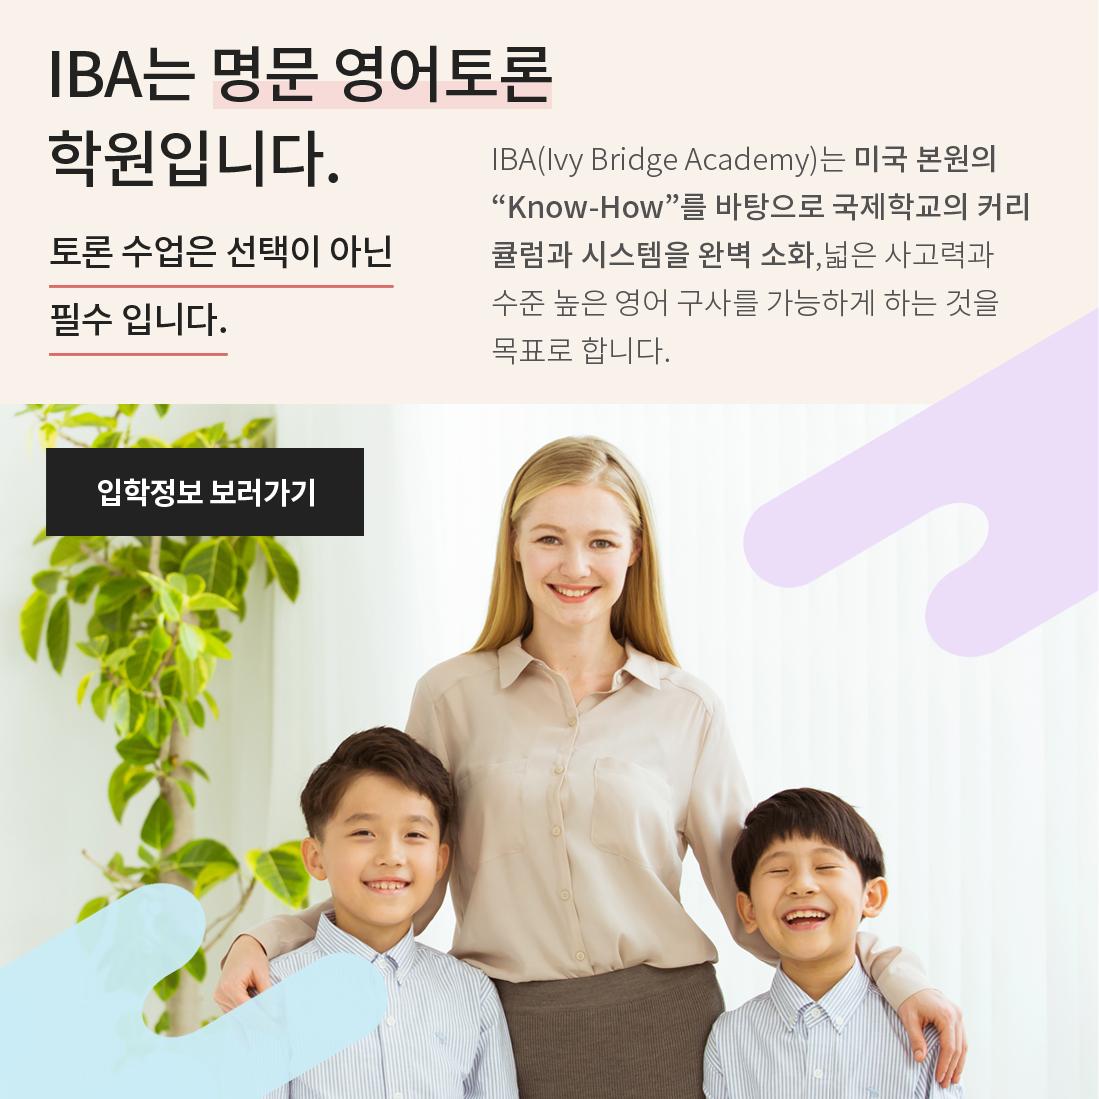 IBA는 영어토론 전문 학원입니다.